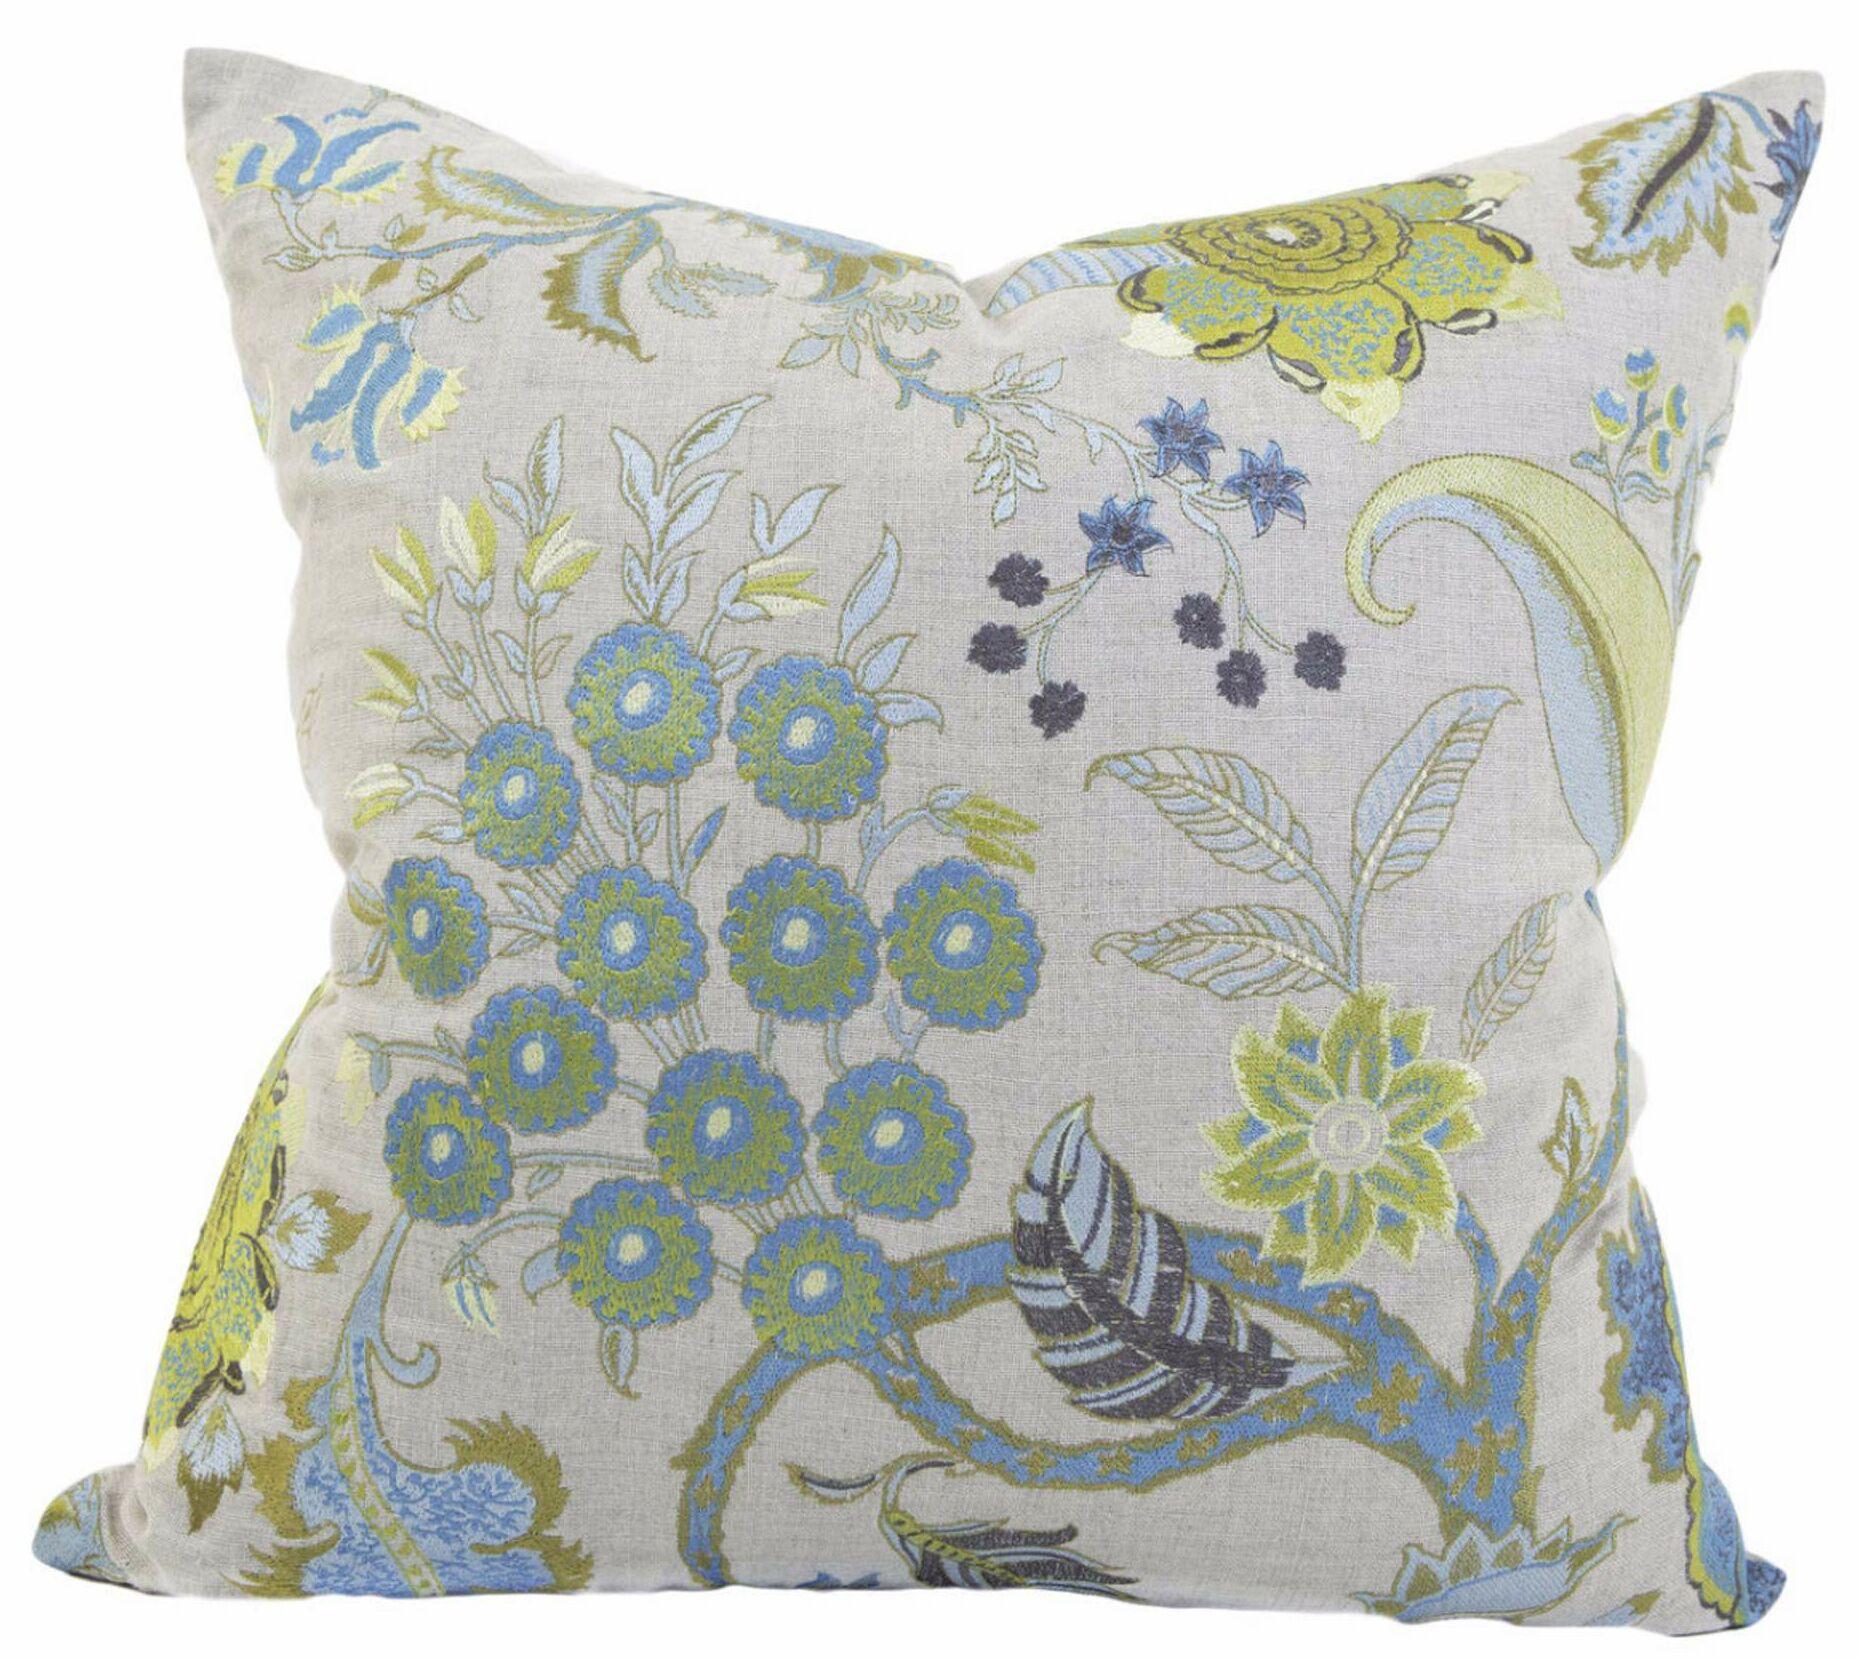 Tilda Flor Embroidery Linen Throw Pillow